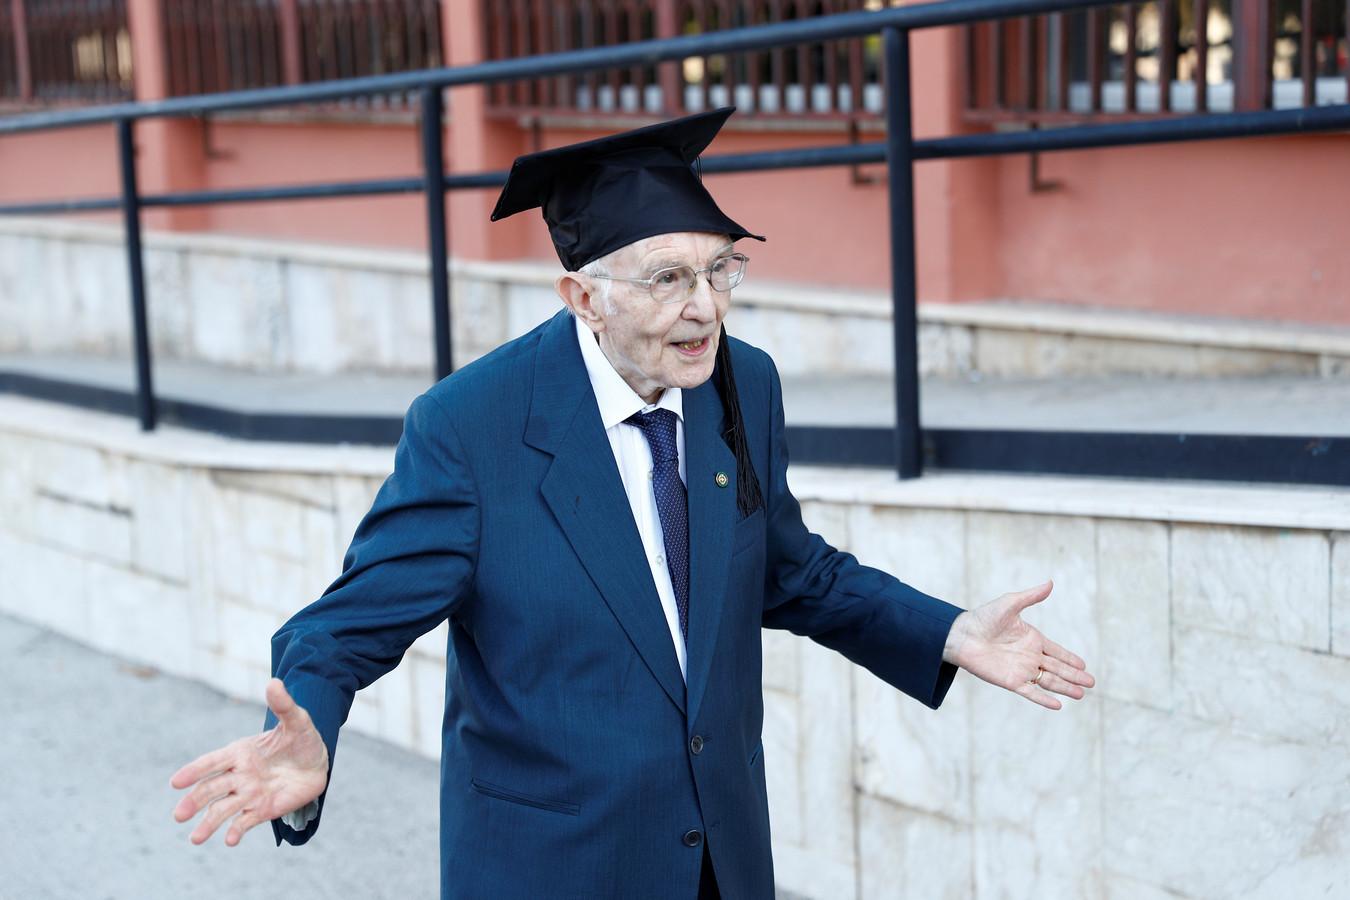 Giuseppe Paterno, 96 ans, a toutes les raisons de faire la fête après sa performance incroyable.